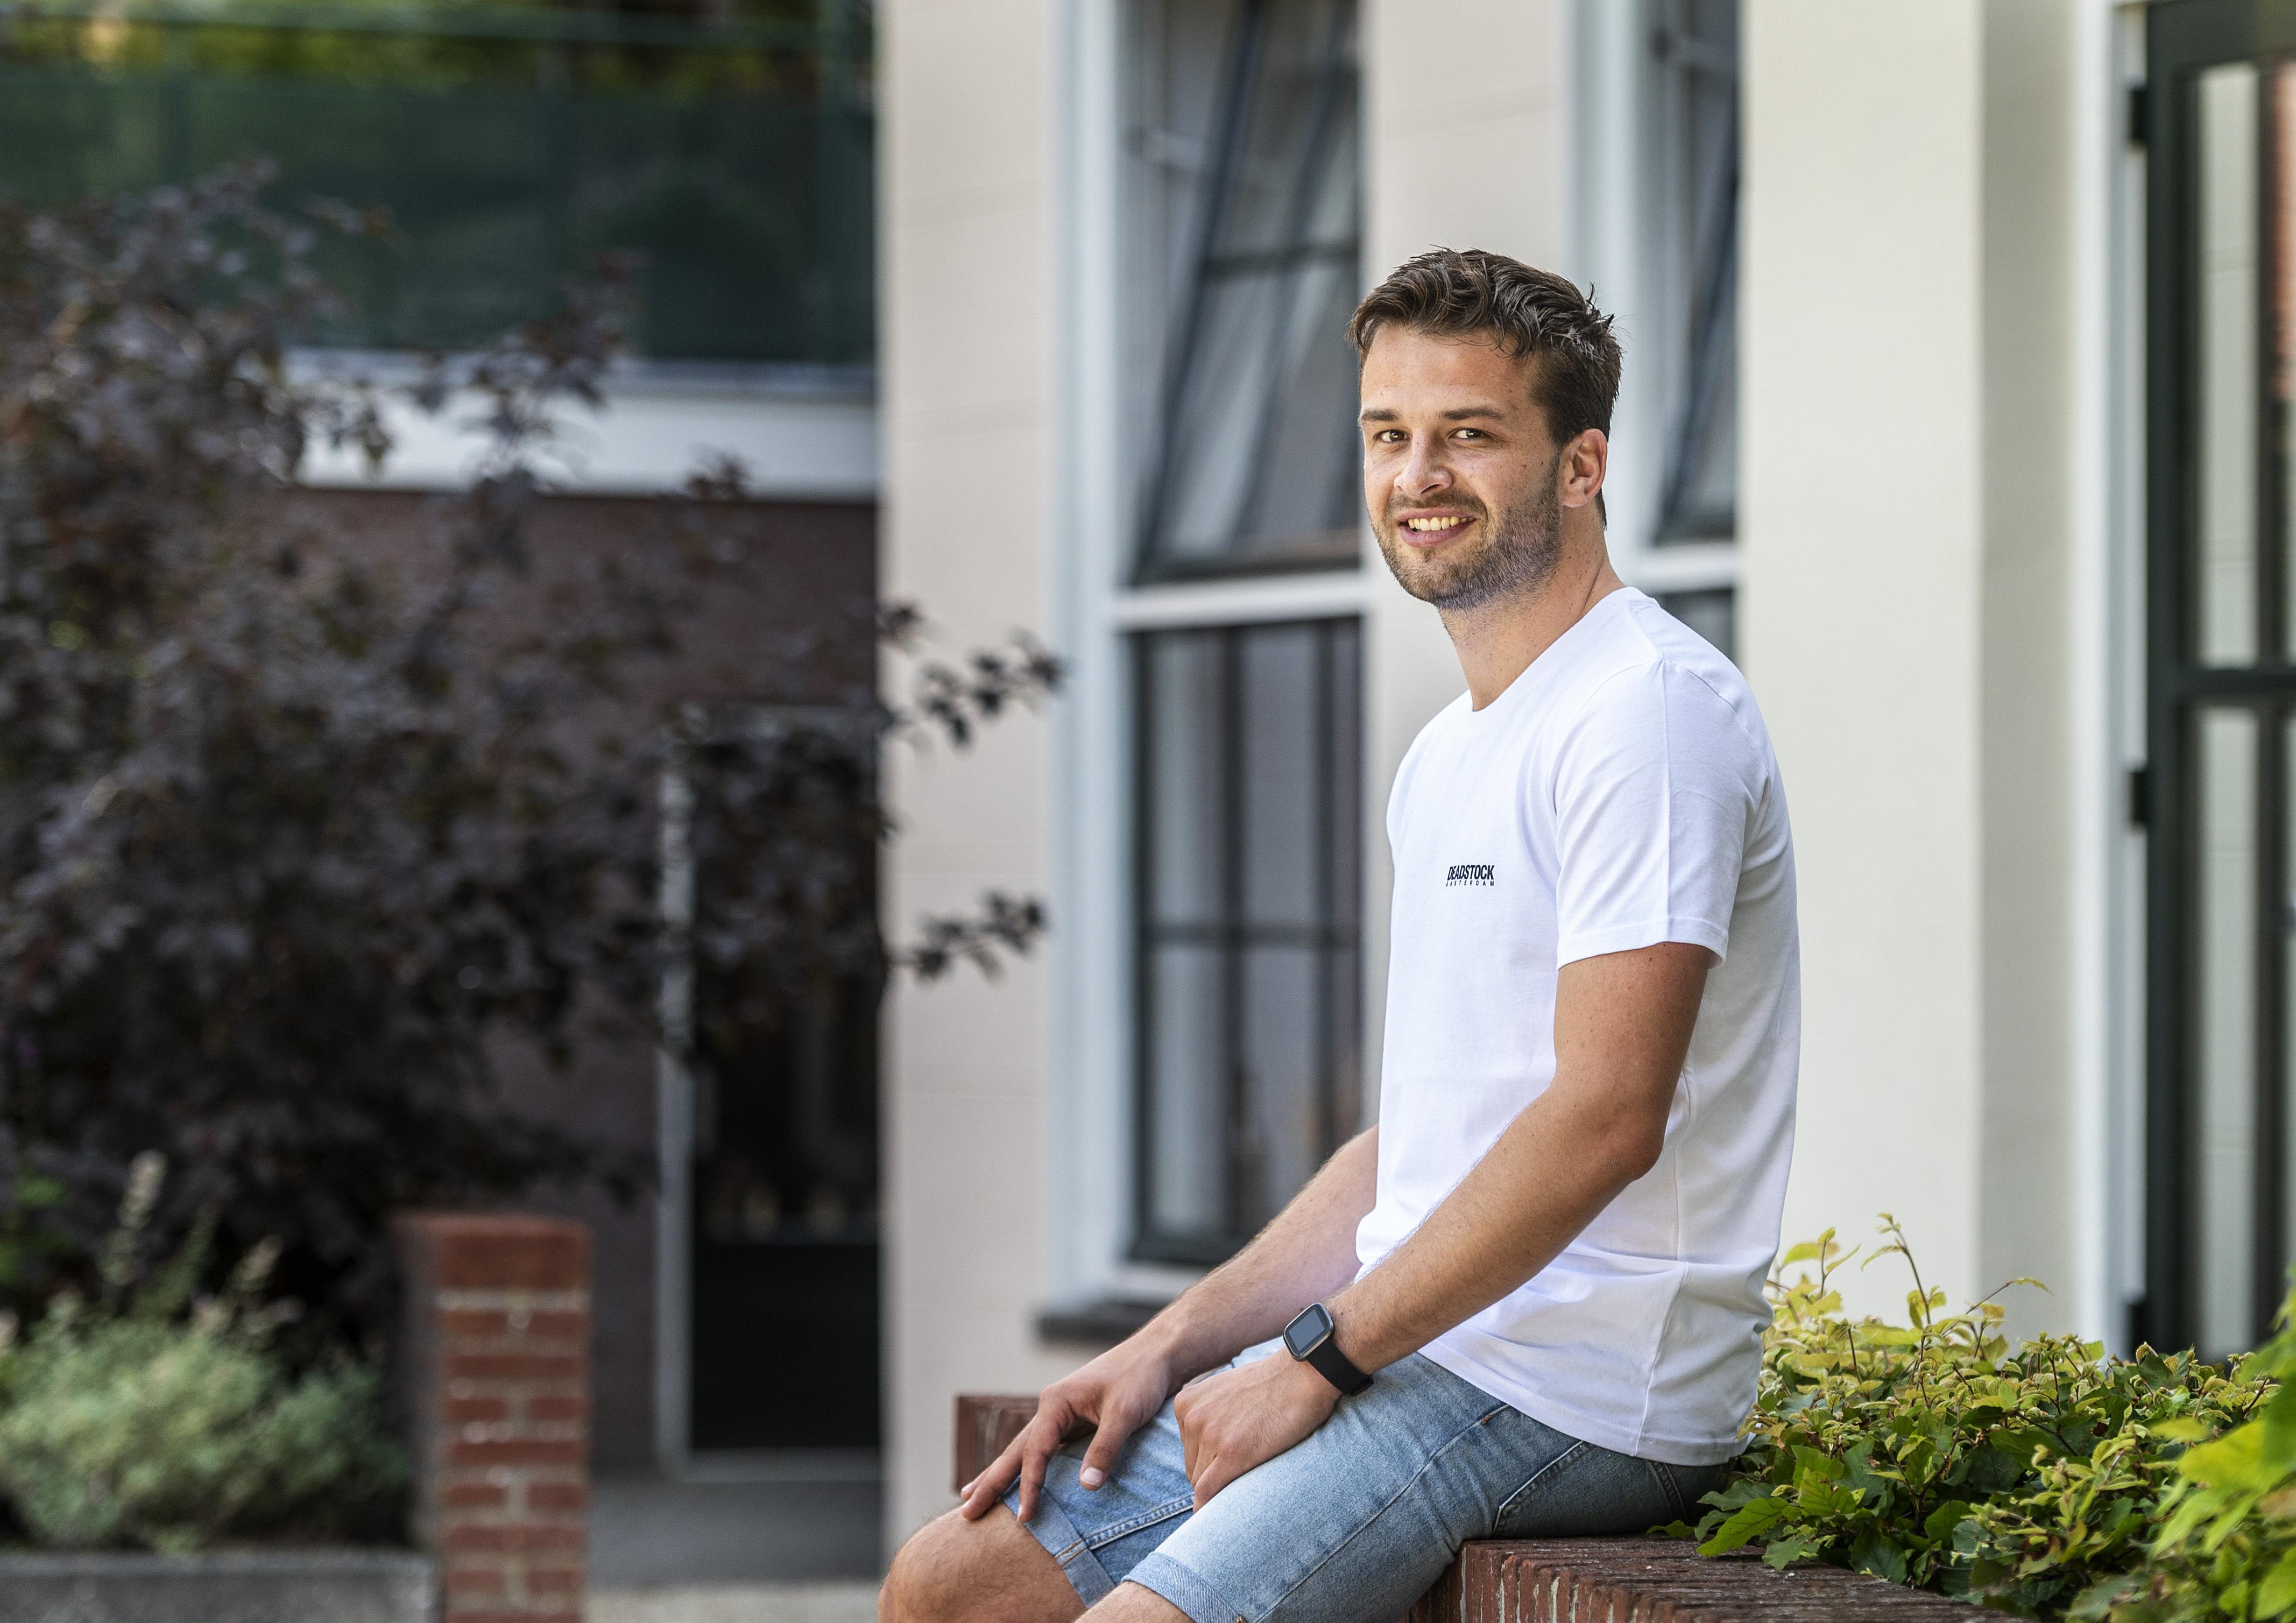 DSOV-nieuwkomer 'Woetro' verruilt op dertigste KHFC dan toch voor andere club: 'Ergens anders vijf keer meer verdienen is mij nooit aangeboden'